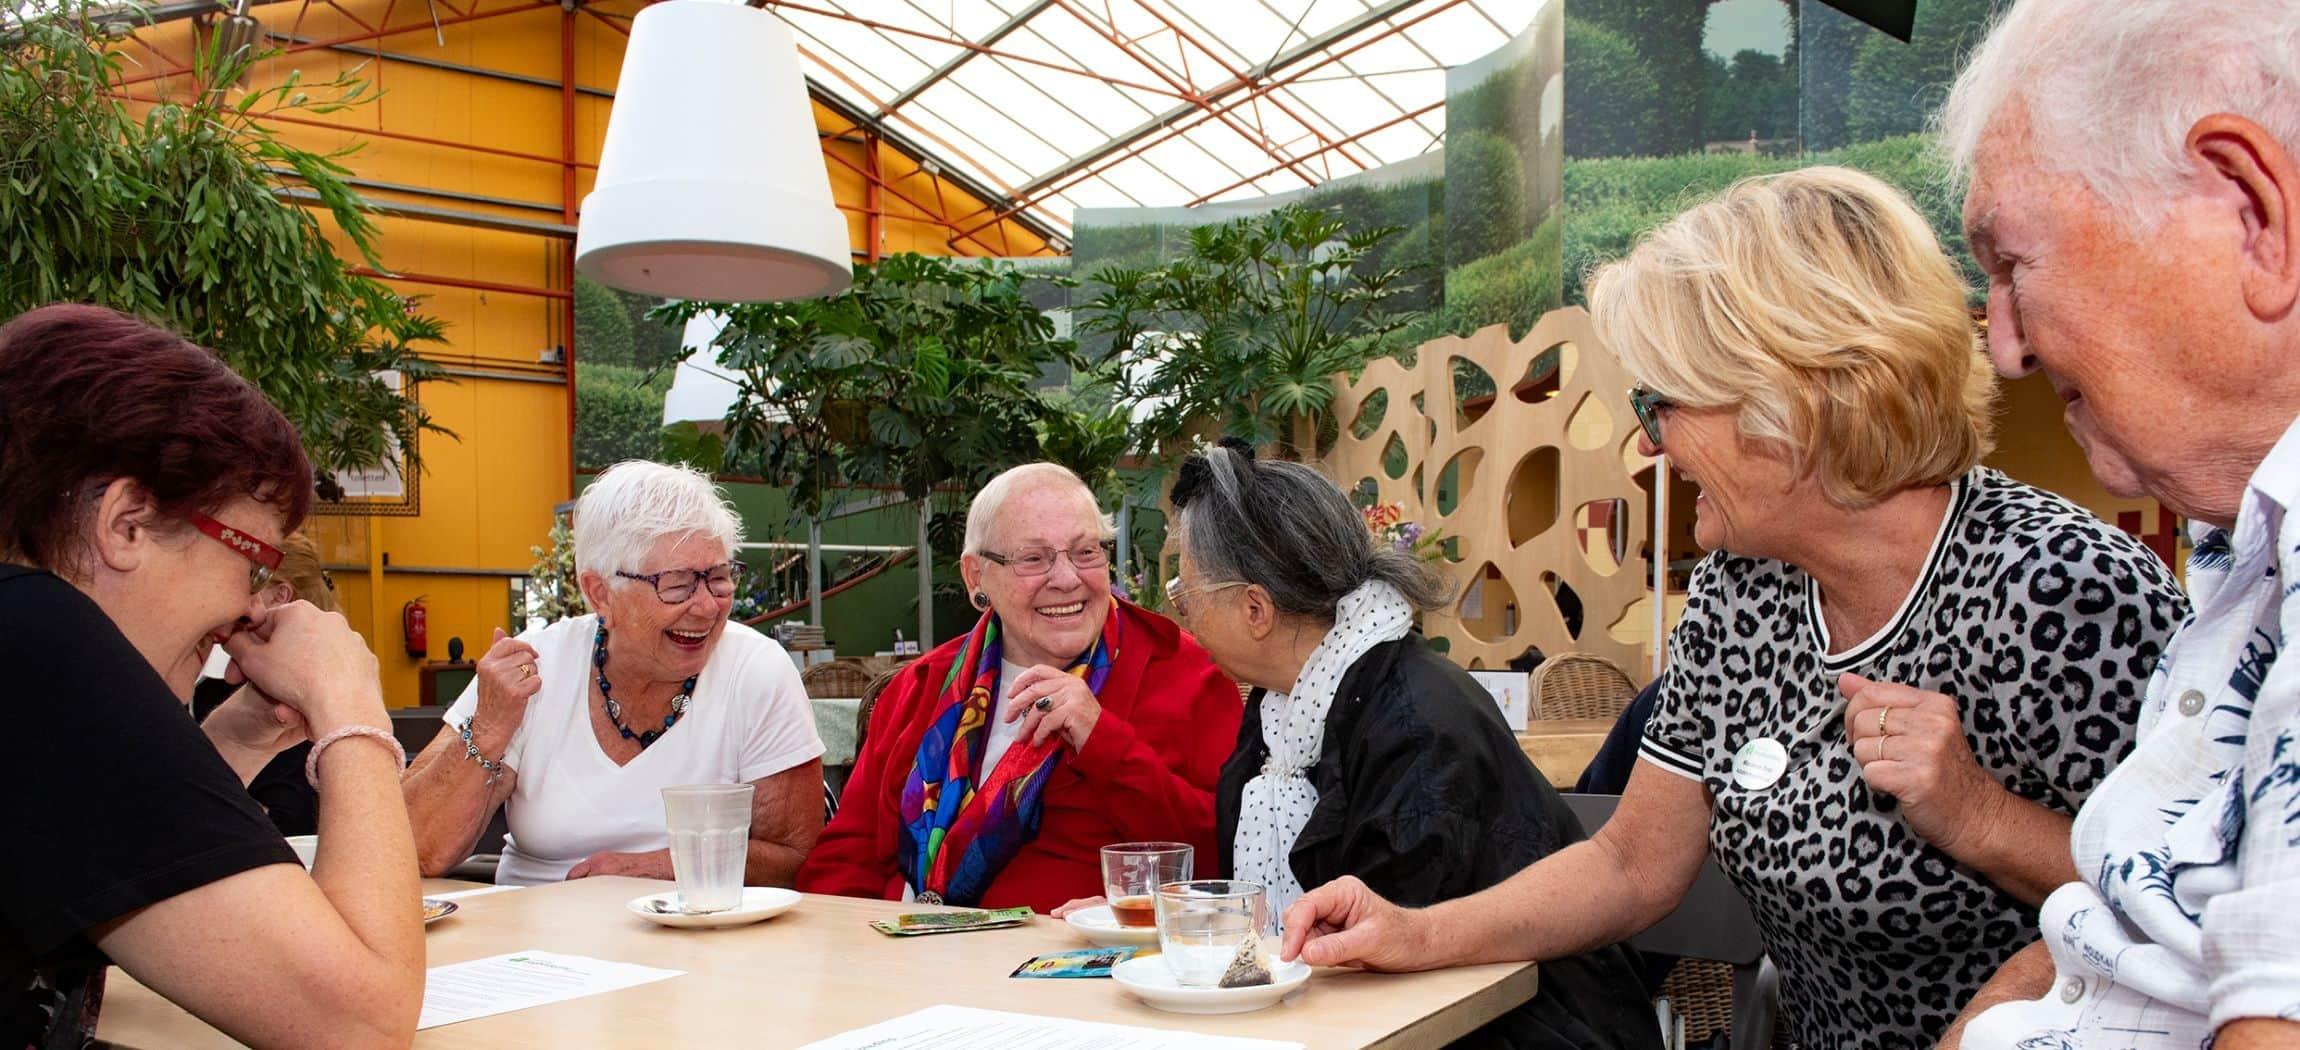 Eenzame ouderen vinden elkaar bij de inloop in Tuincentrum Osdorp georganiseerd door Amstelring Dagbesteding Leo Polak